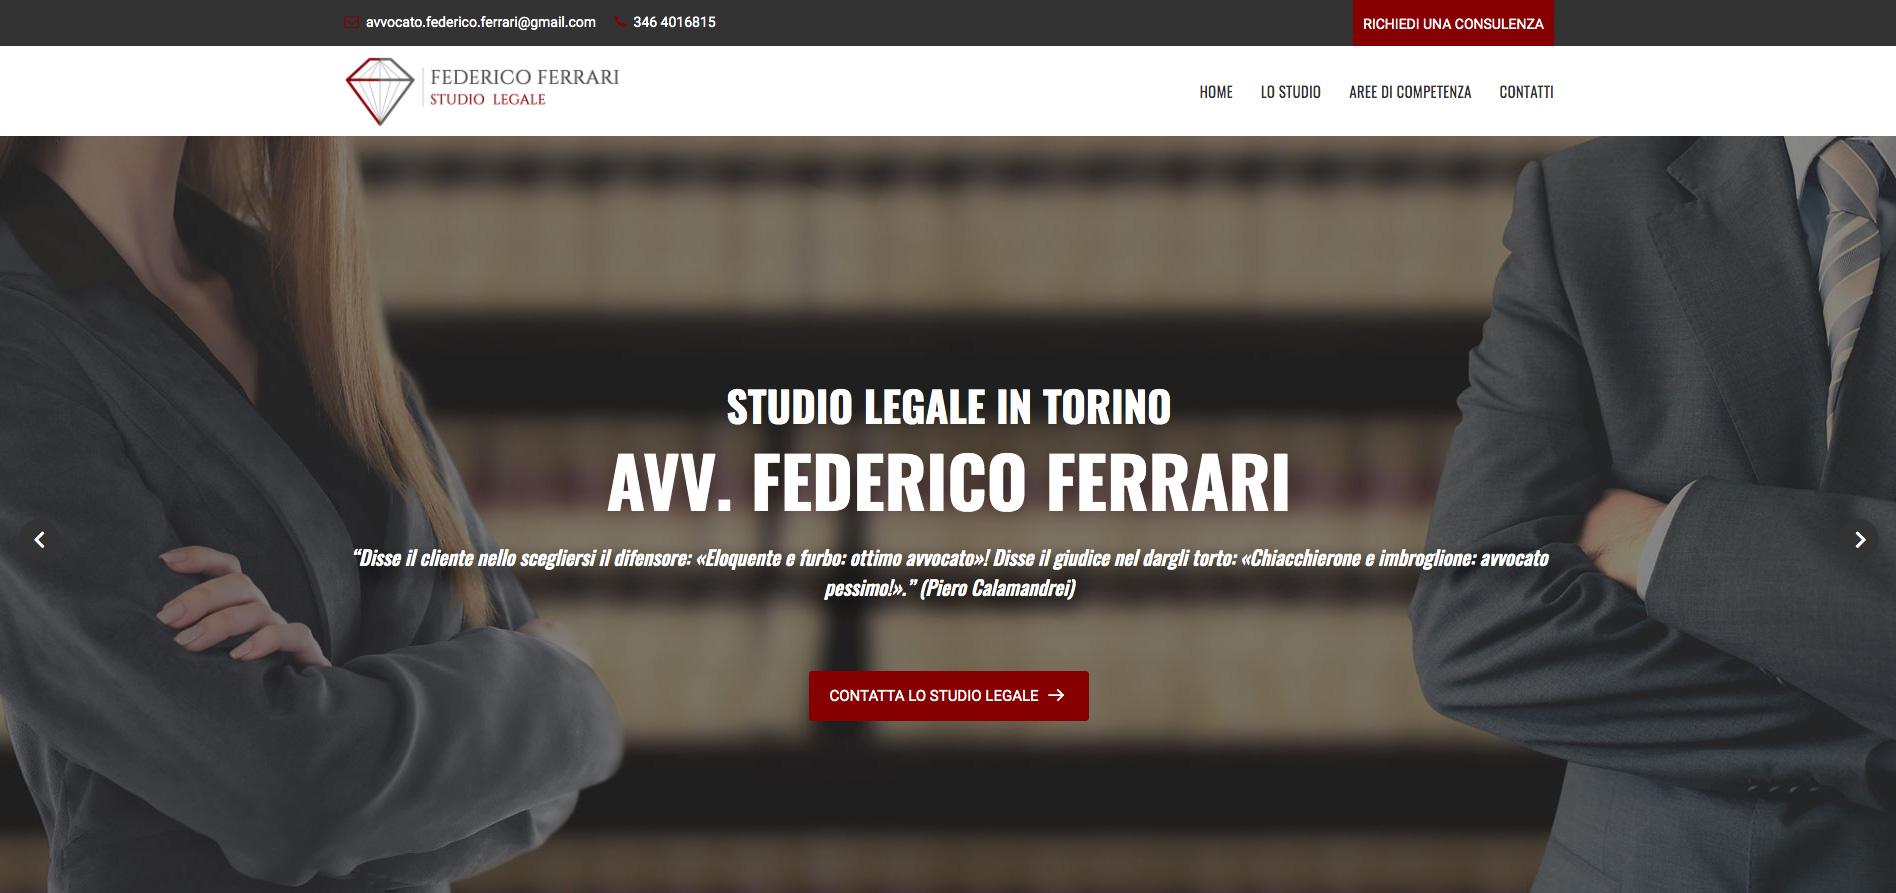 Creazione Sito Web Torino per Avvocati a Torino